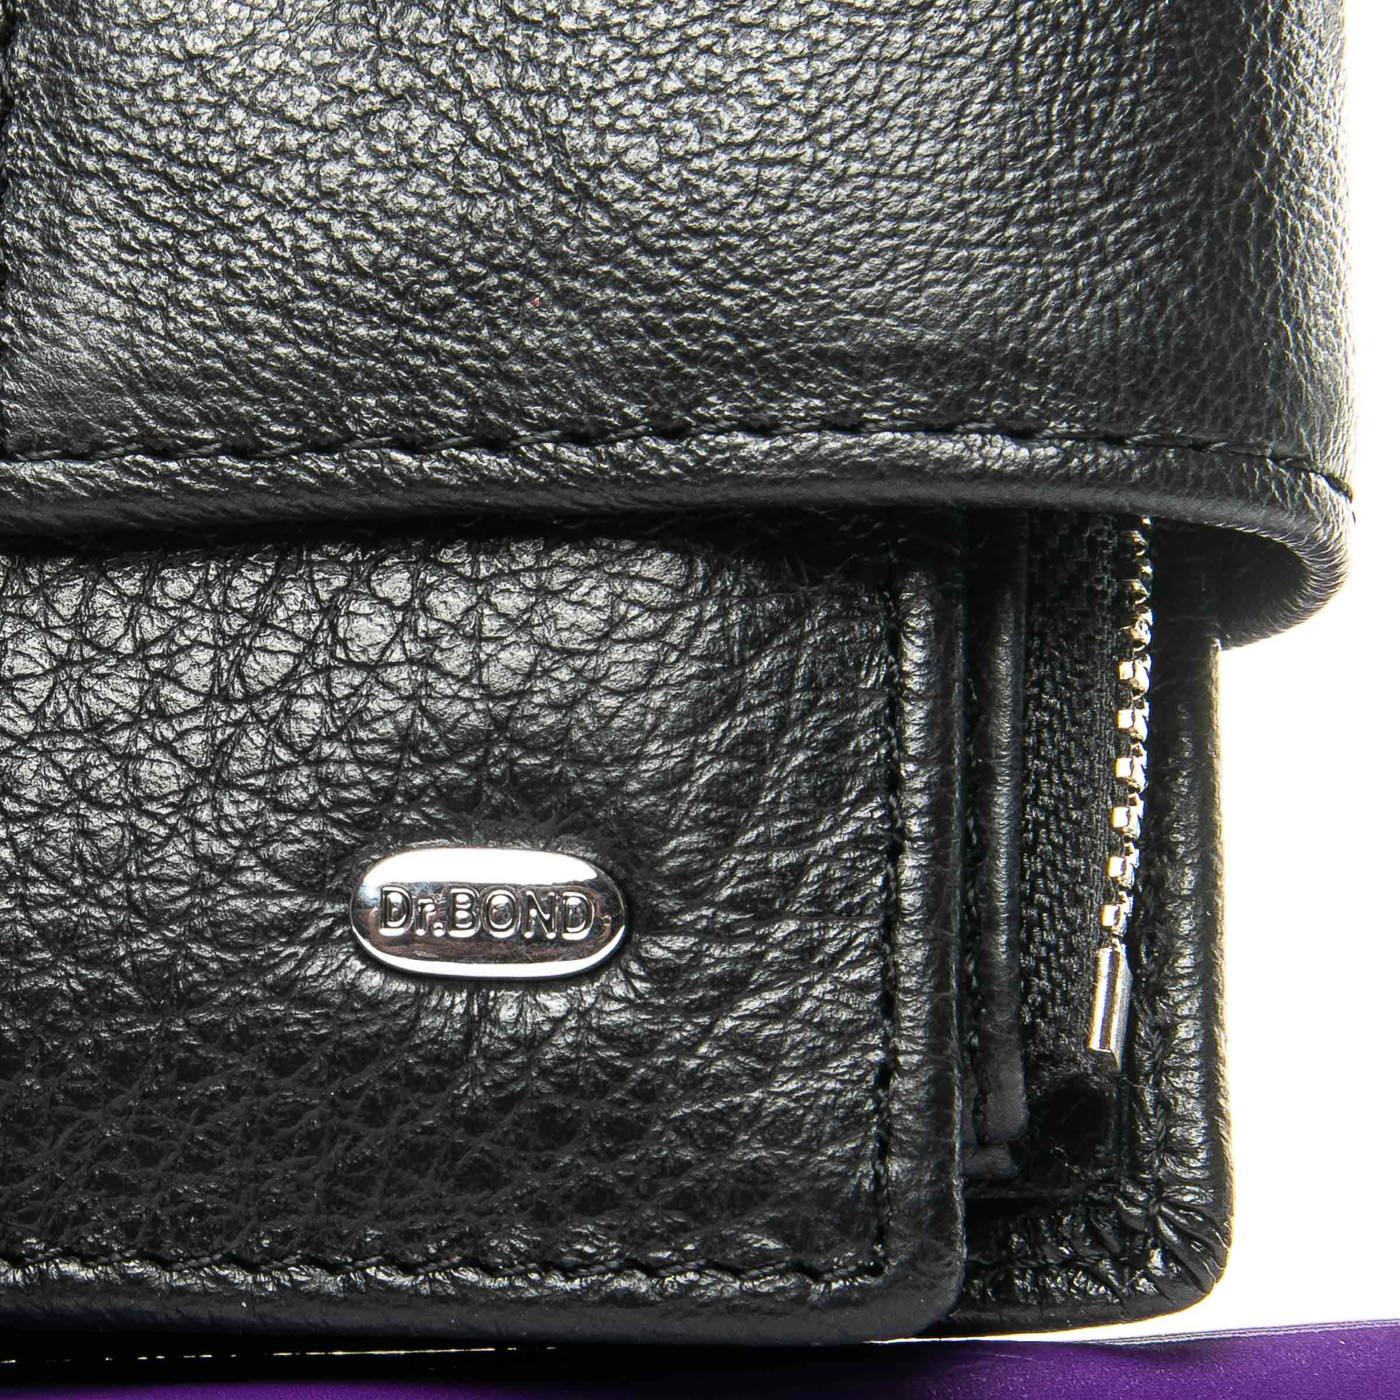 Кошелек Classic кожа DR. BOND WS-5 black